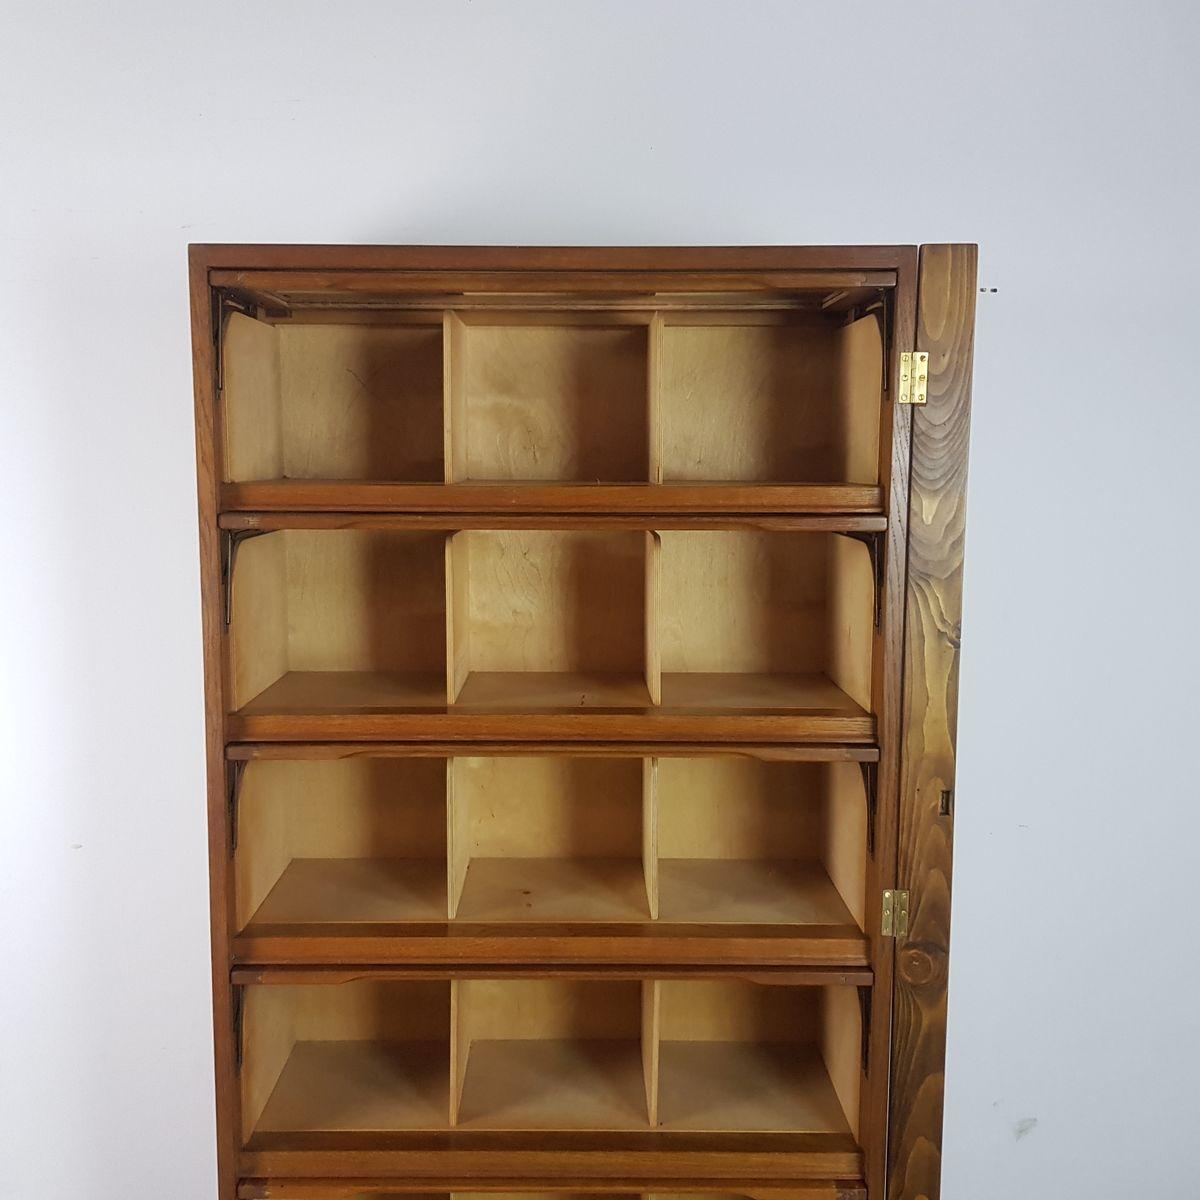 b cherregal und schrank f r kurzwaren von staverton 1950er bei pamono kaufen. Black Bedroom Furniture Sets. Home Design Ideas